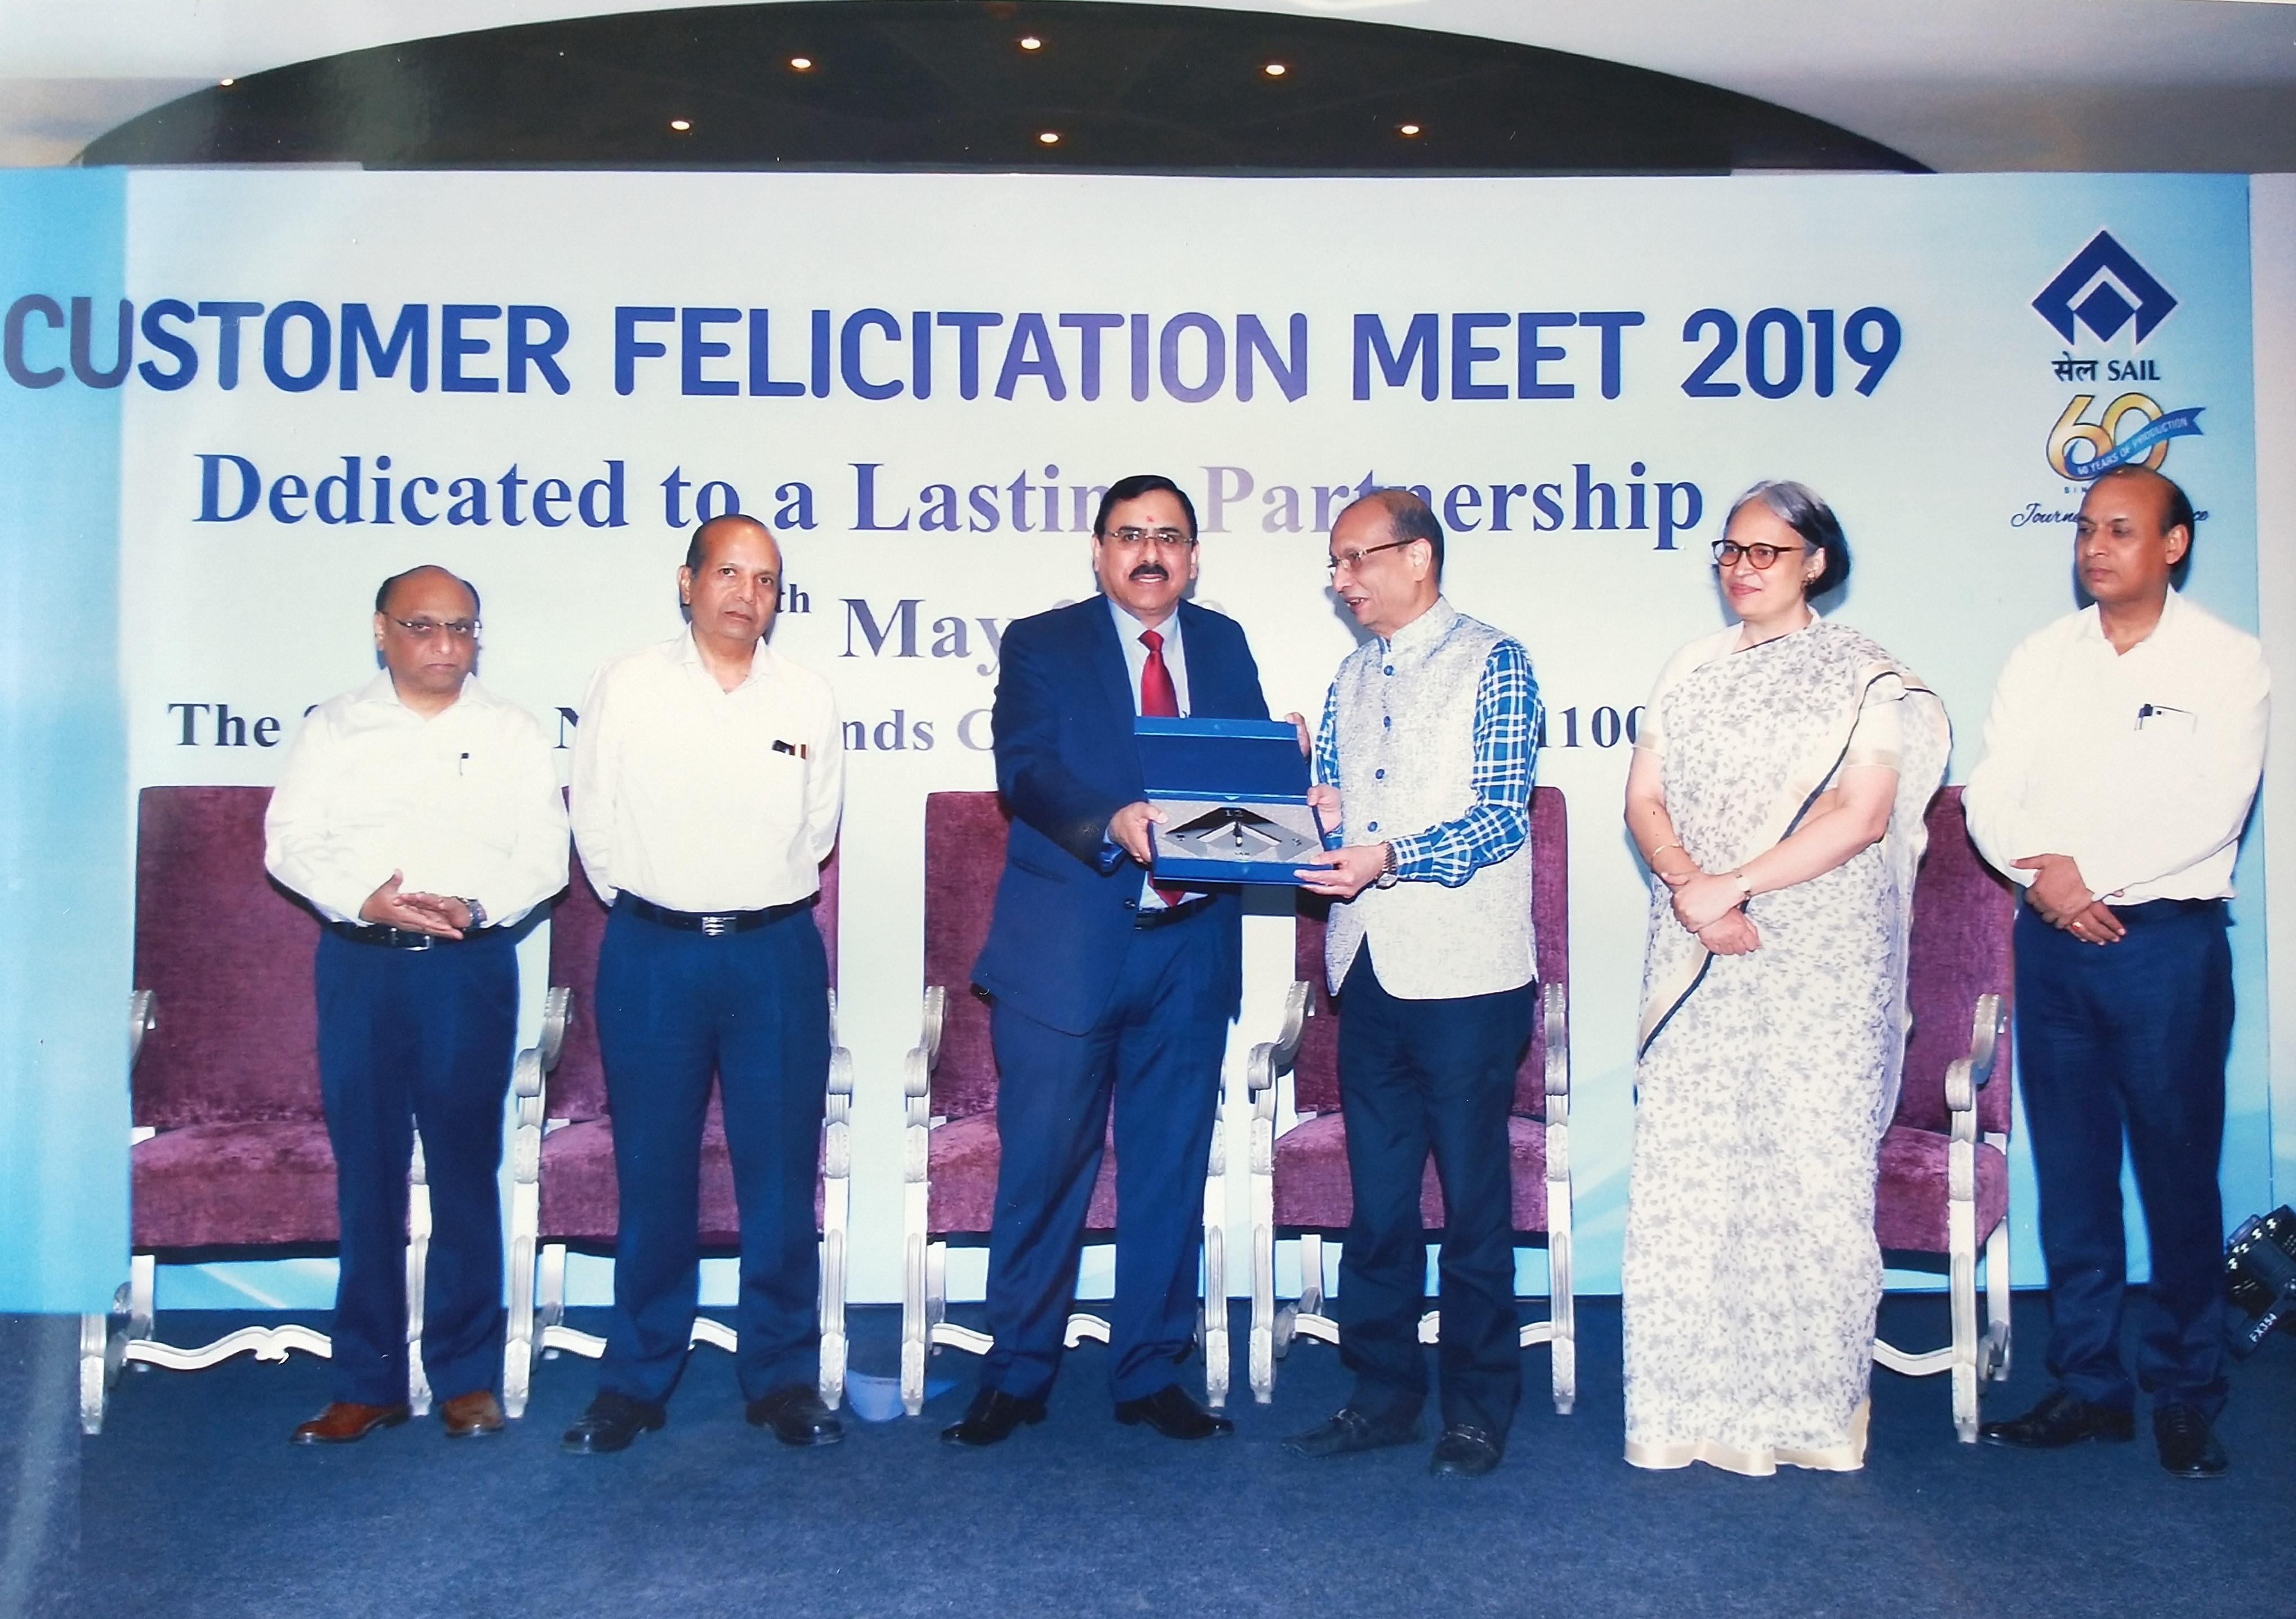 जगदम्बा स्टील्स् भारतको प्रतिष्ठित स्टील संगठनद्वारा सम्मानित